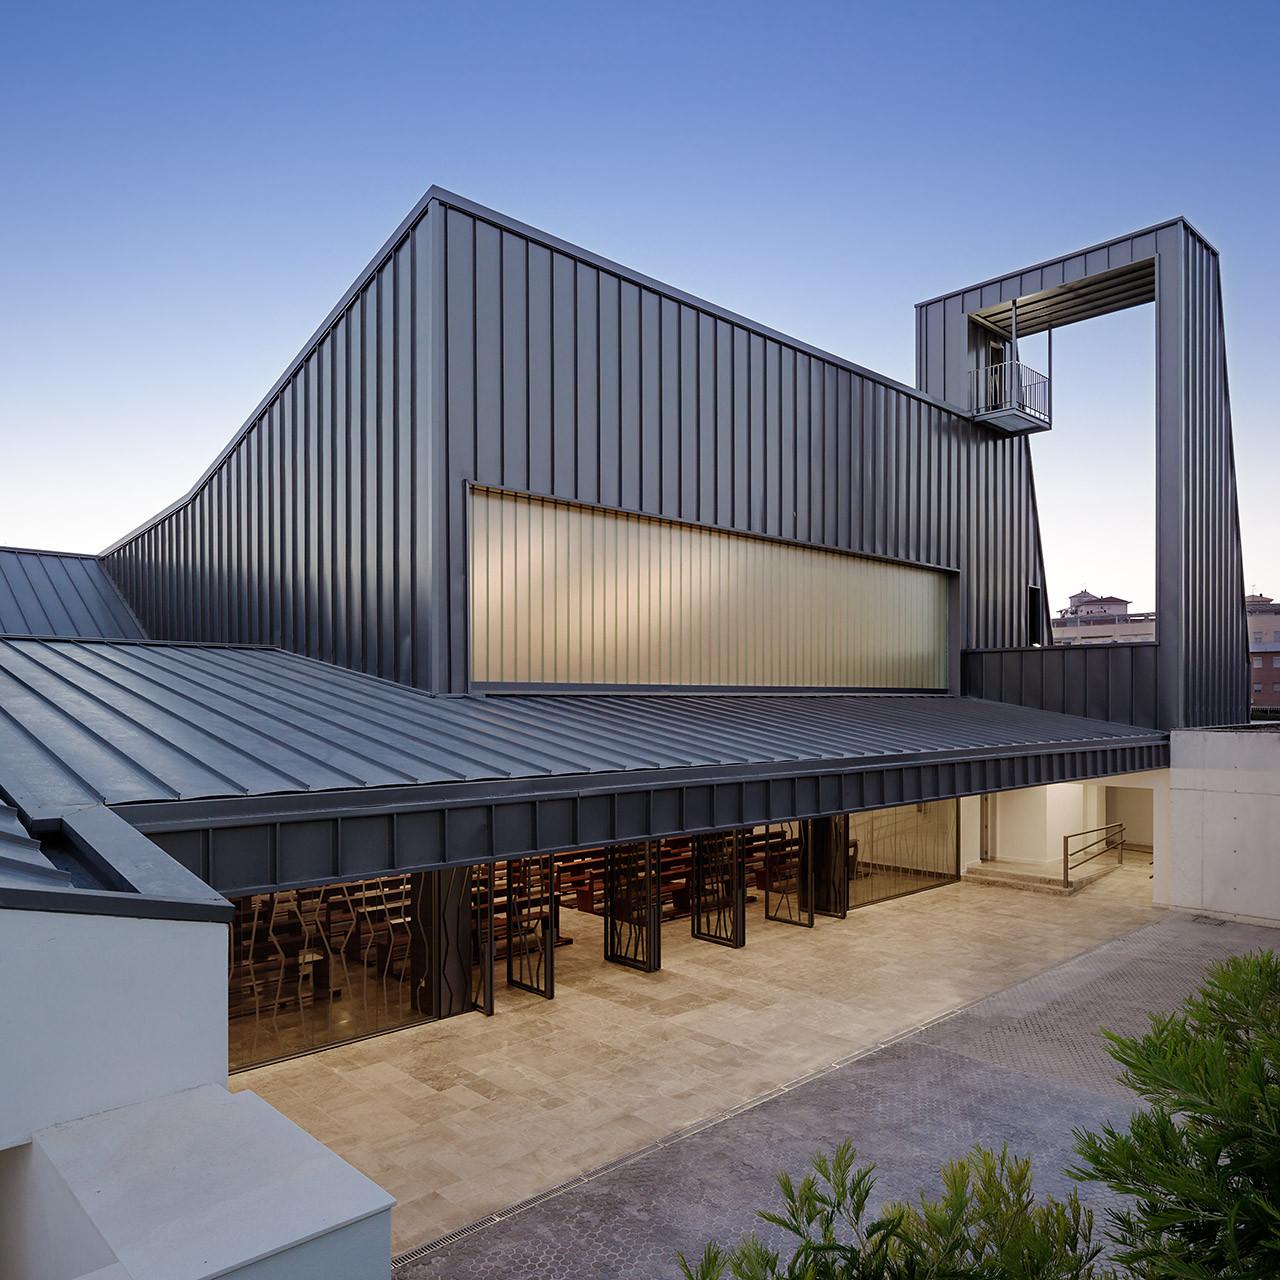 La Ascensi Del Se Church Agi Architects Archdaily